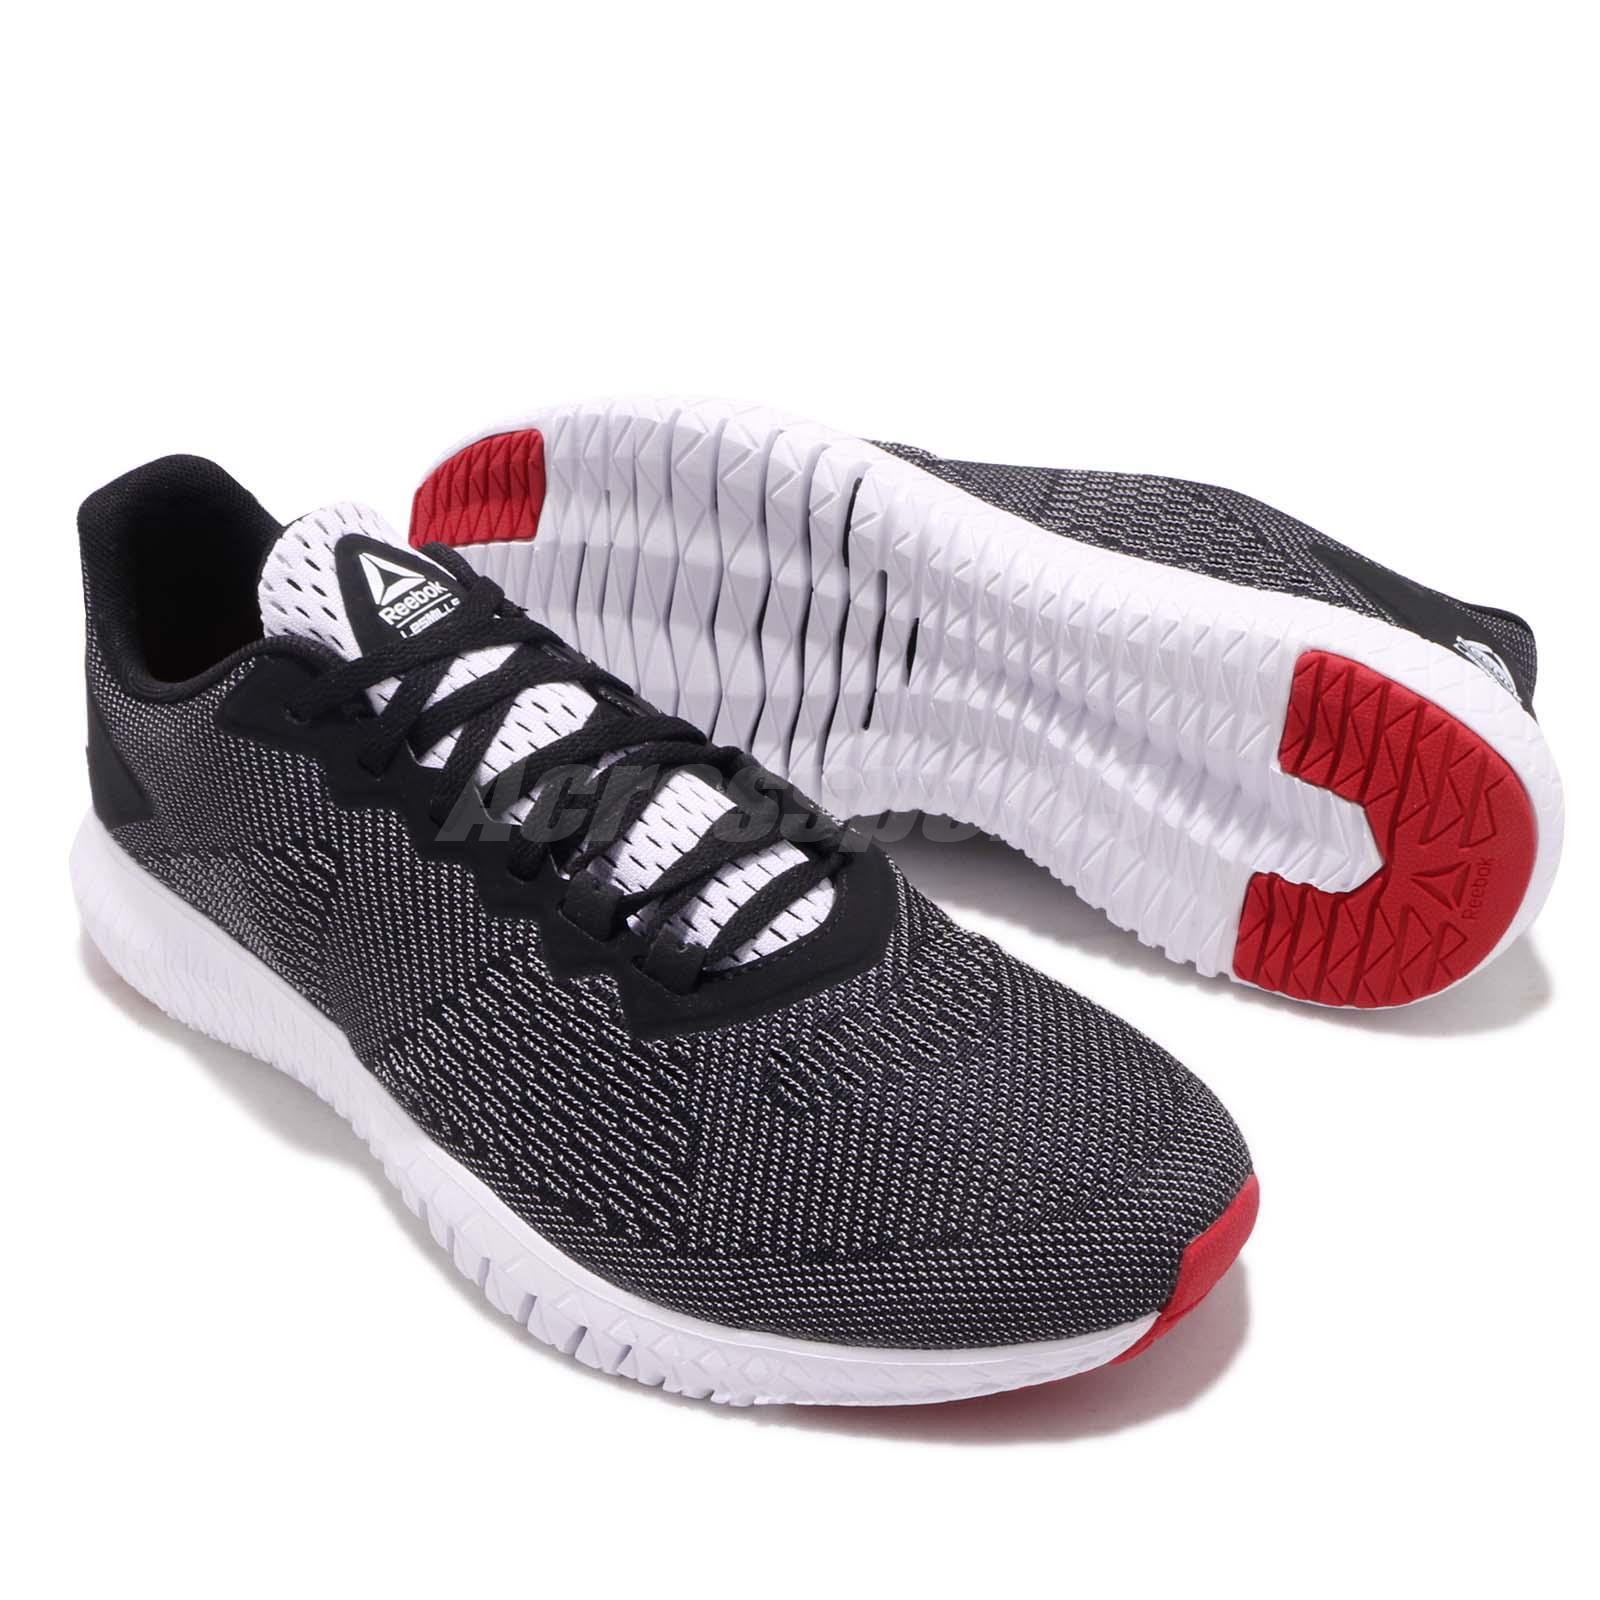 f3b8eb6630cb7 Reebok Flexagon LM White Black Red Men Cross Training Shoes Sneakers ...